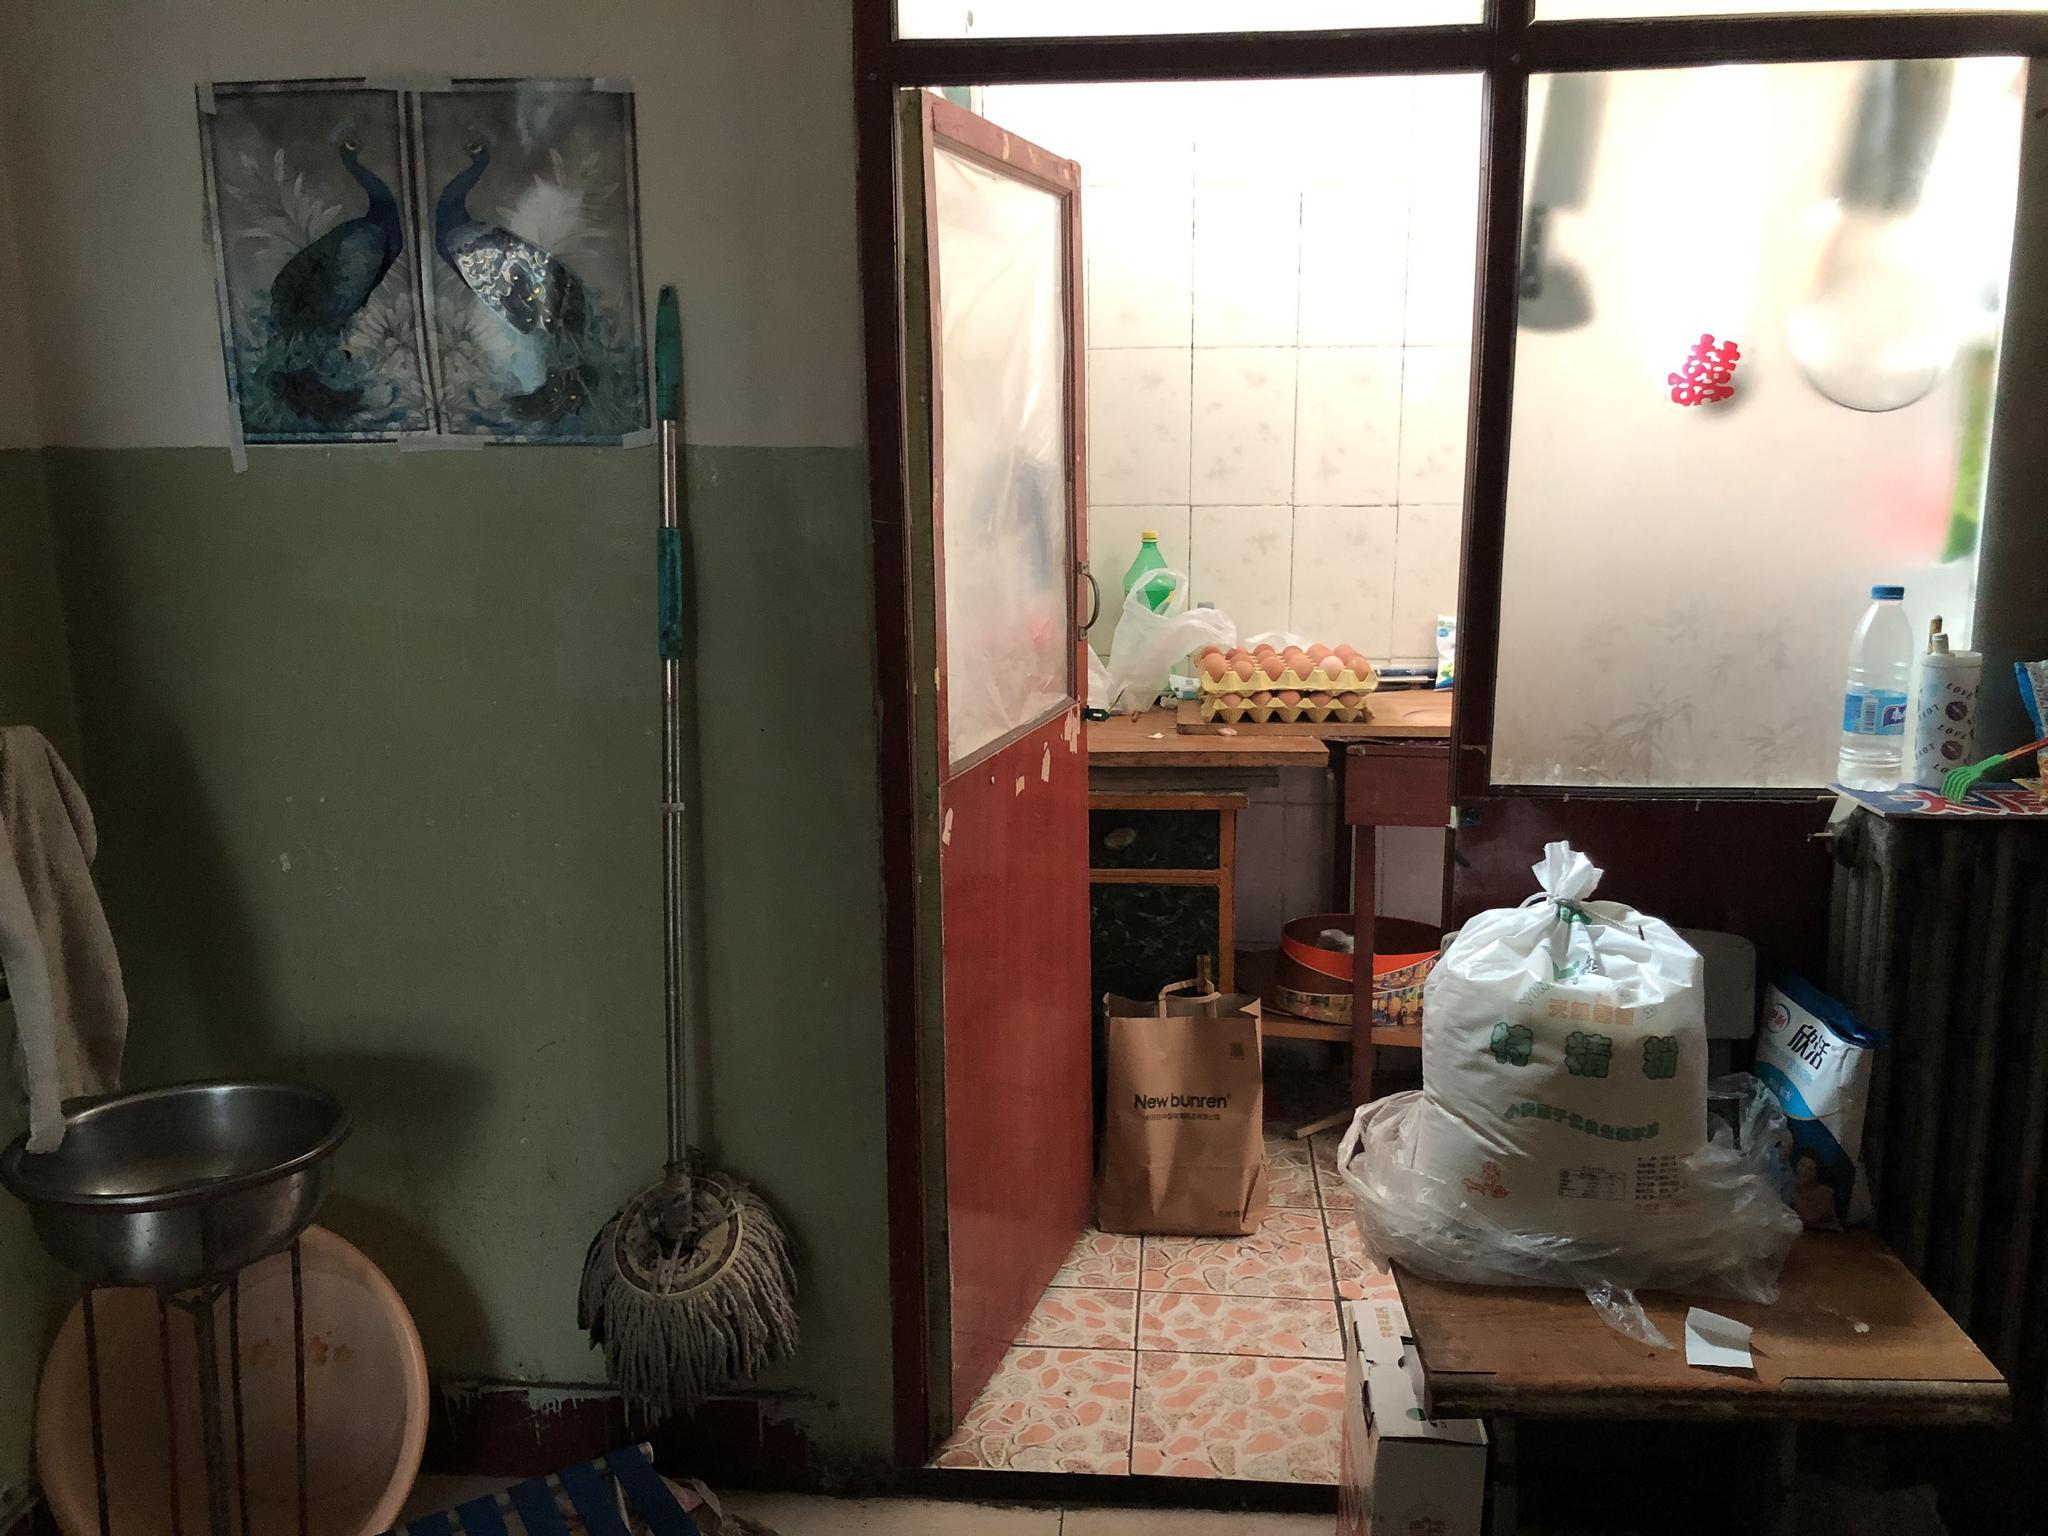 党锁锁在公安局旁的出租屋。新京报记者 曾金秋摄